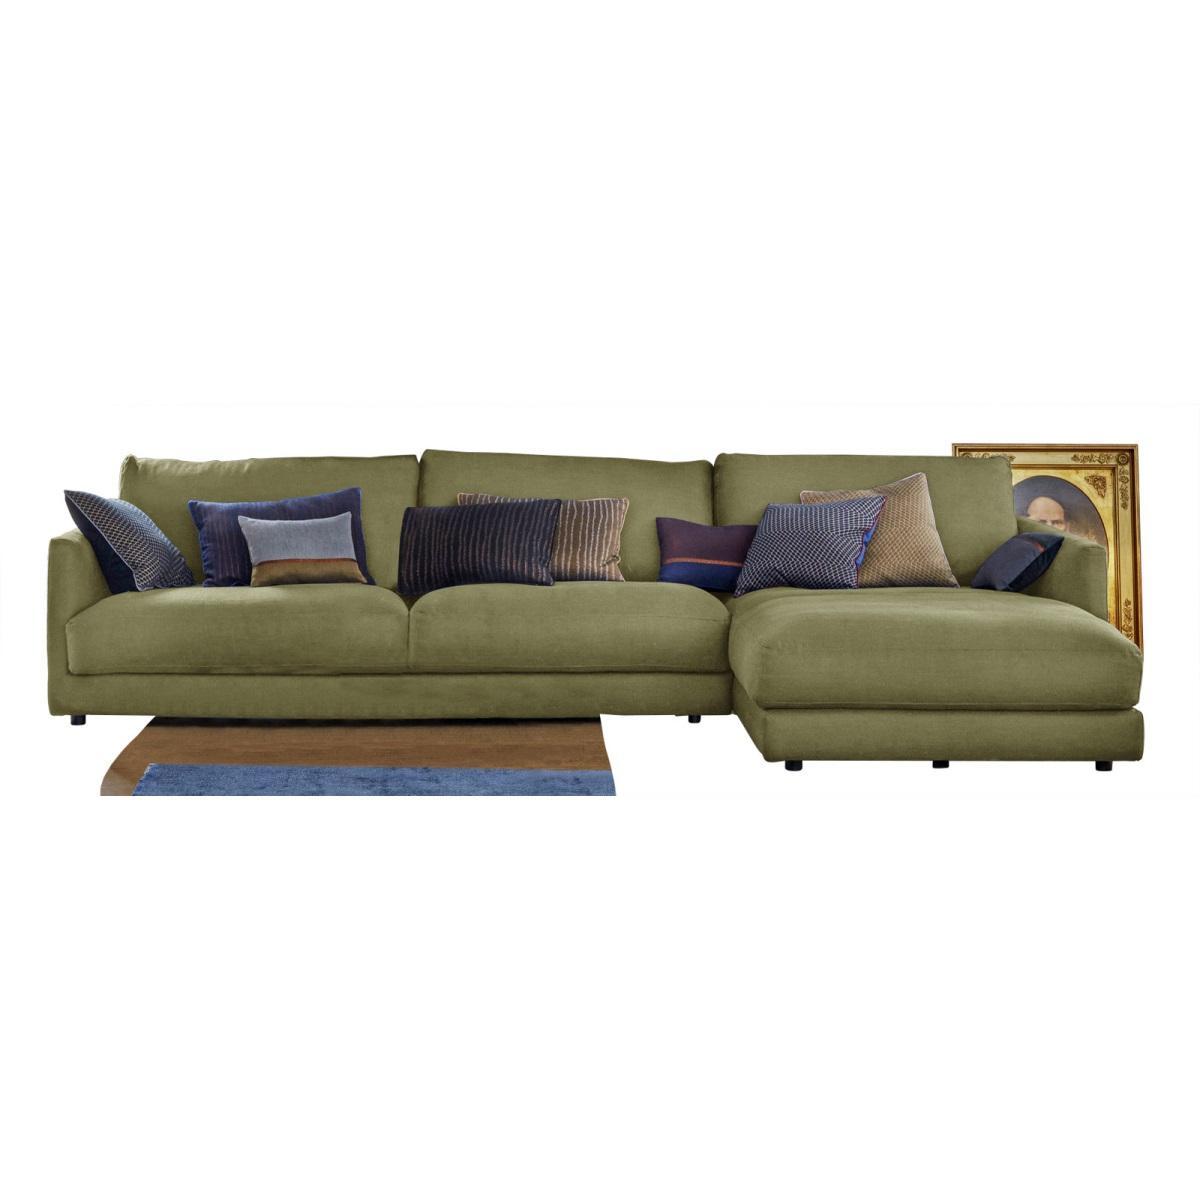 Schöner Wohnen Sofa Garbo